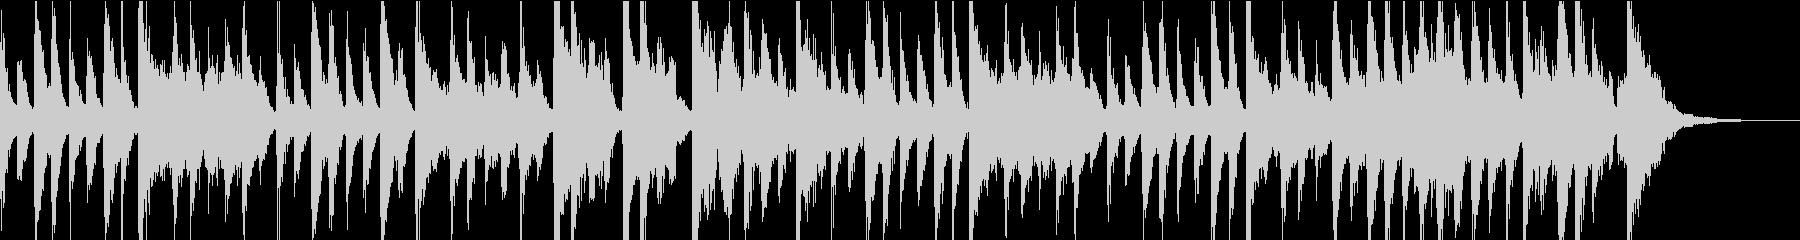 ピアノメインの古典的なジャズ CM用の未再生の波形